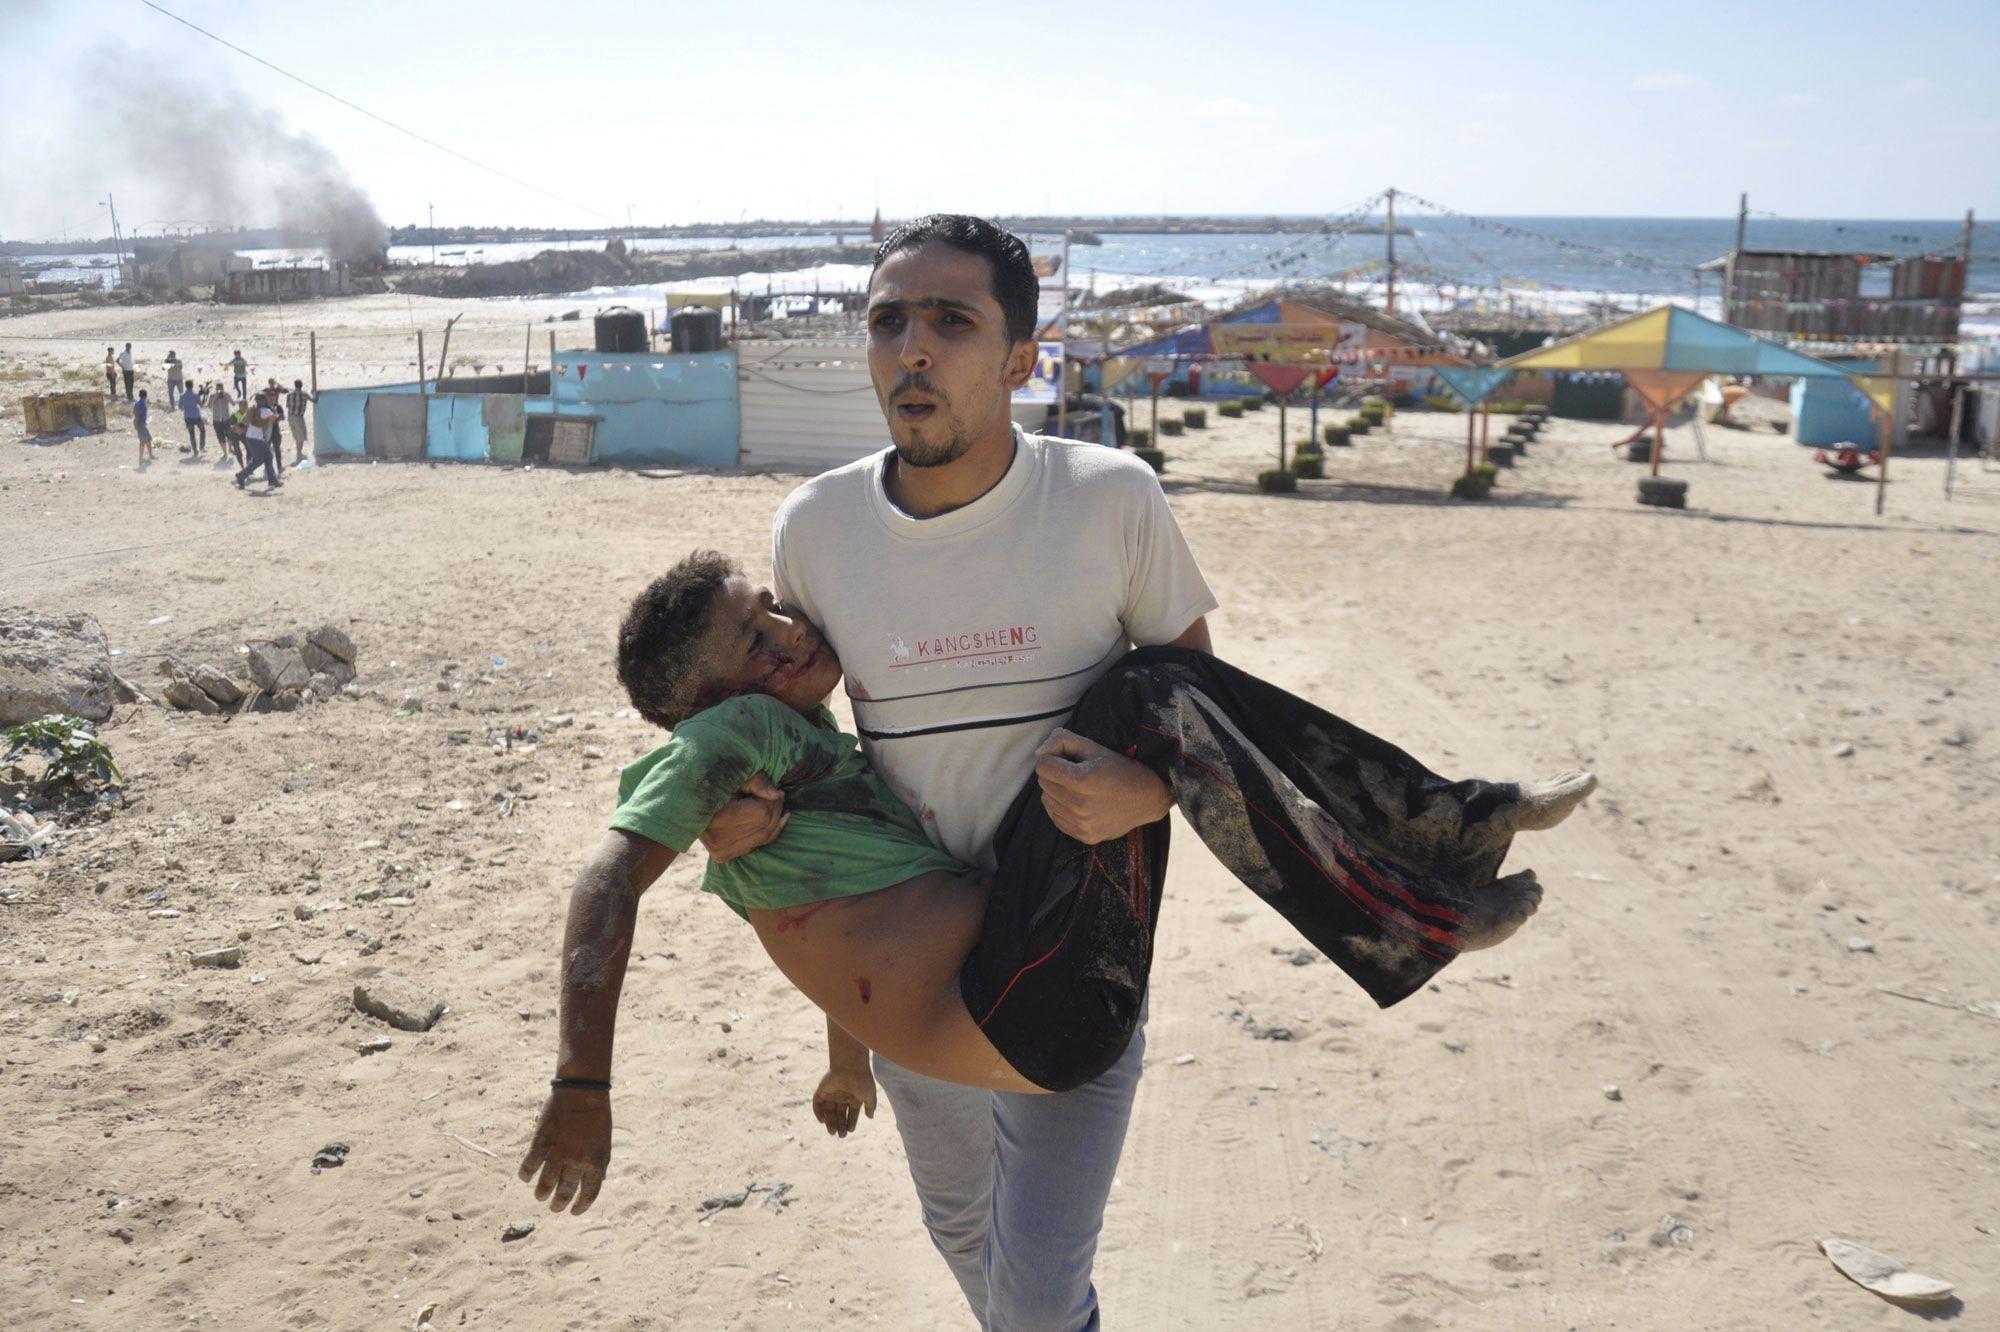 Palestine : Le retour de la honte